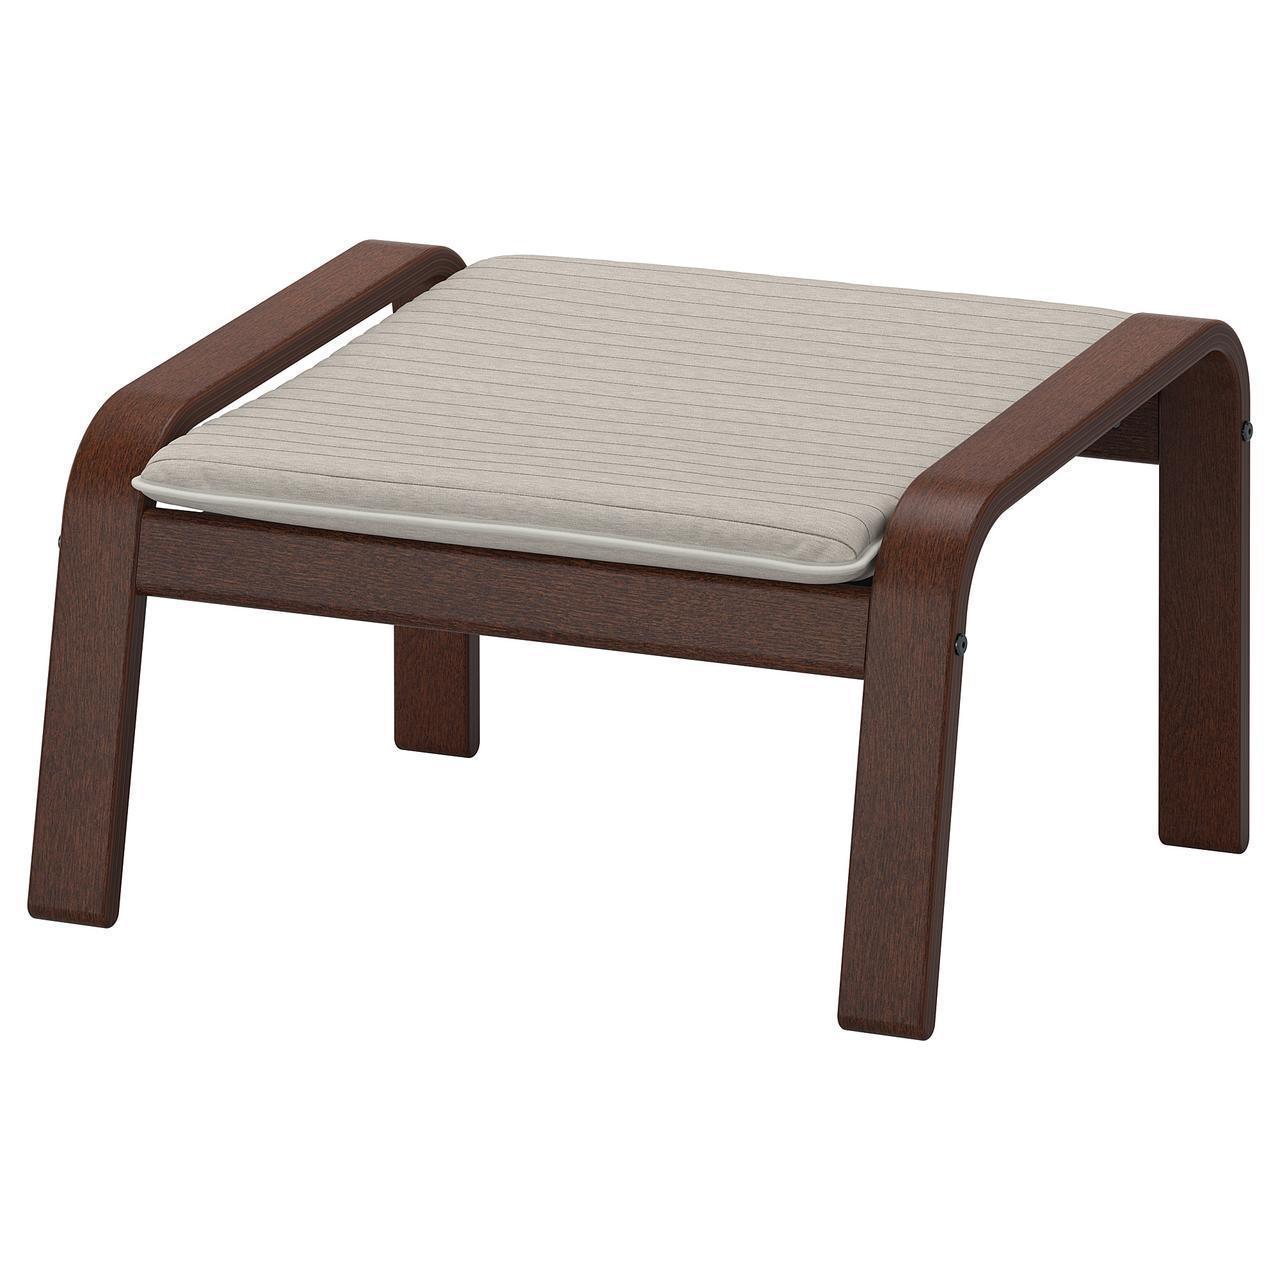 Подставка для ног IKEA POÄNG Knisa коричневая бежевая 092.446.83